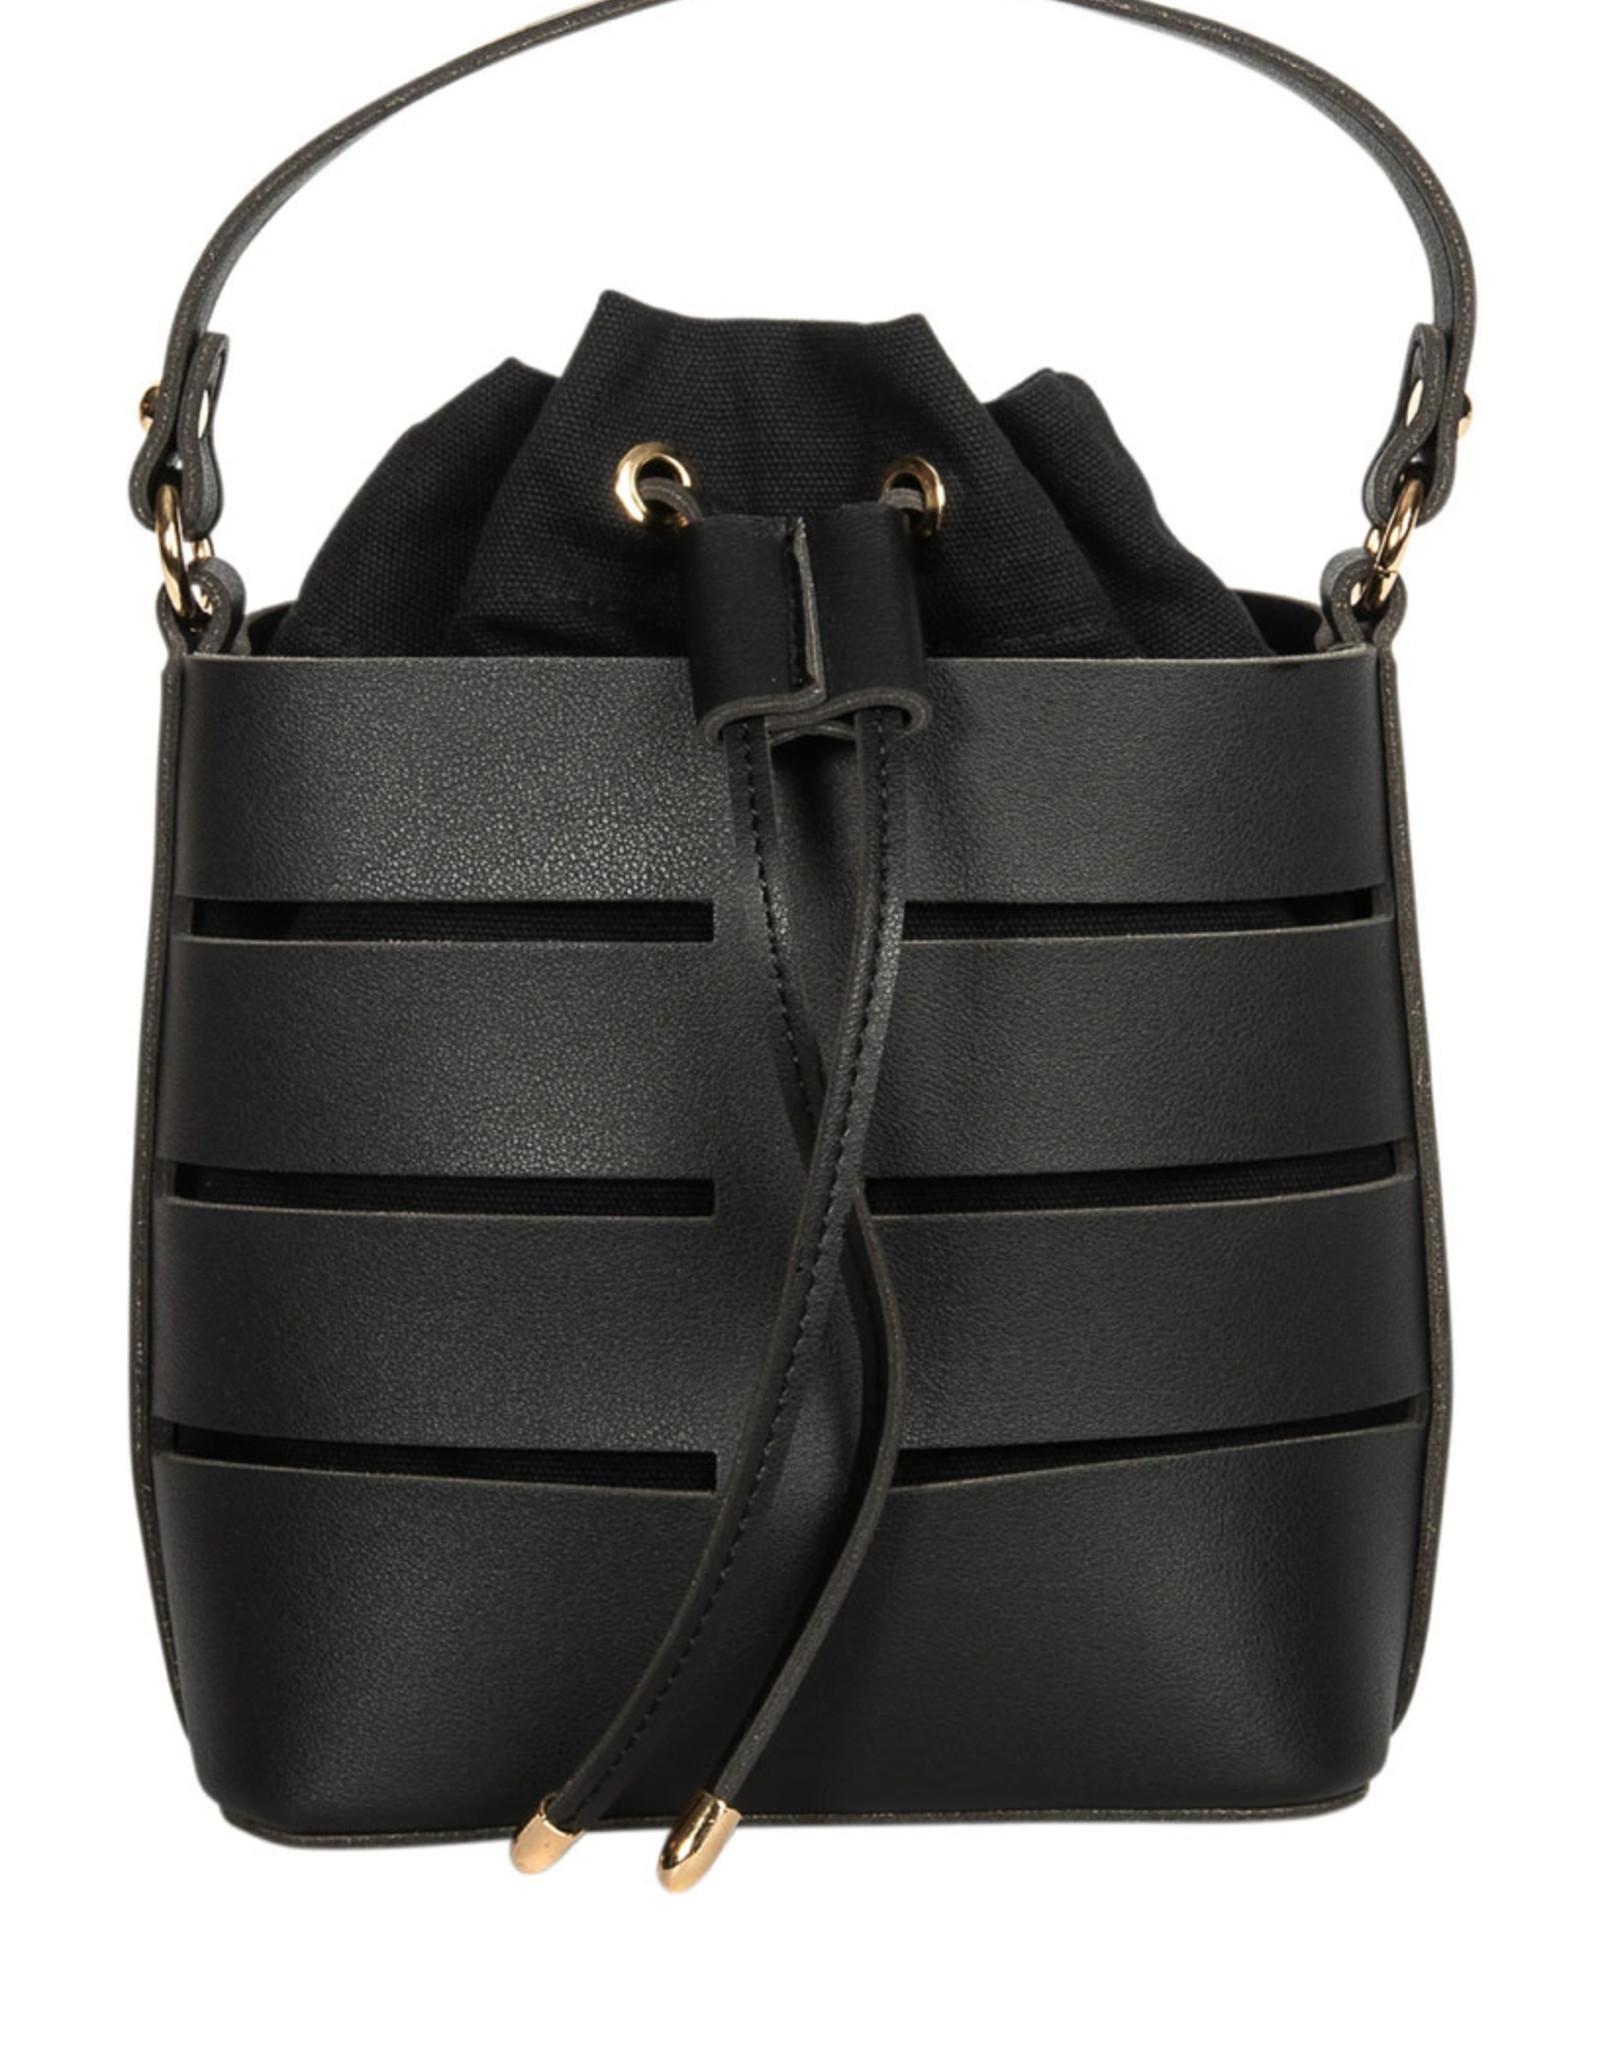 Miss Caprice Bucket Bag 924